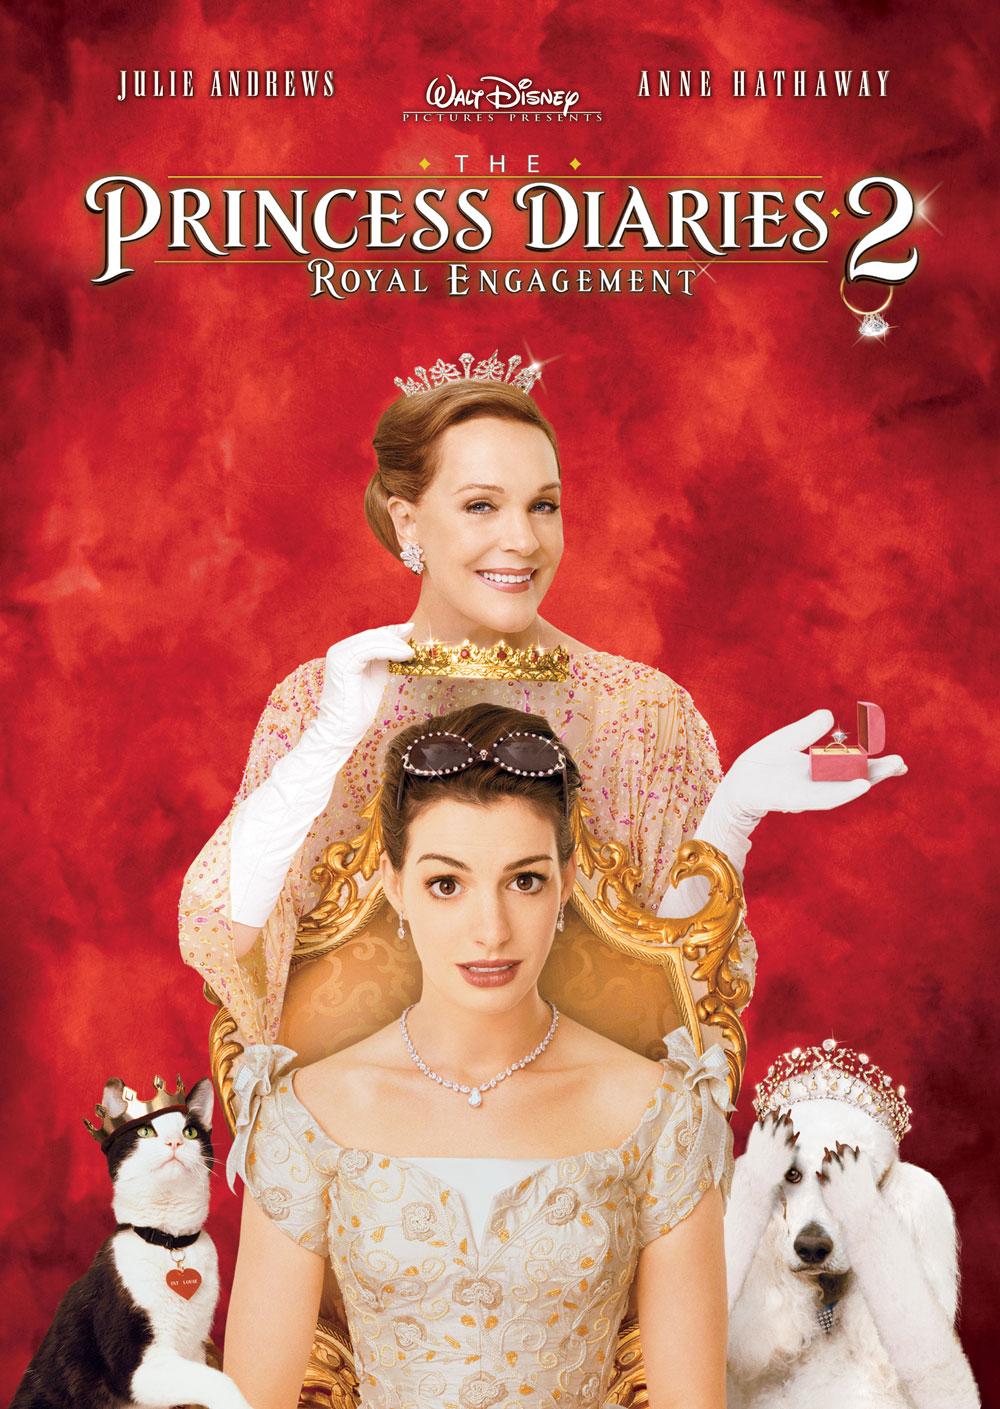 პრინცესას დღიურები 2: როგორ გახდე დედოფალი (ქართულად)  - The Princess Diaries 2: Royal Engagement (2004)